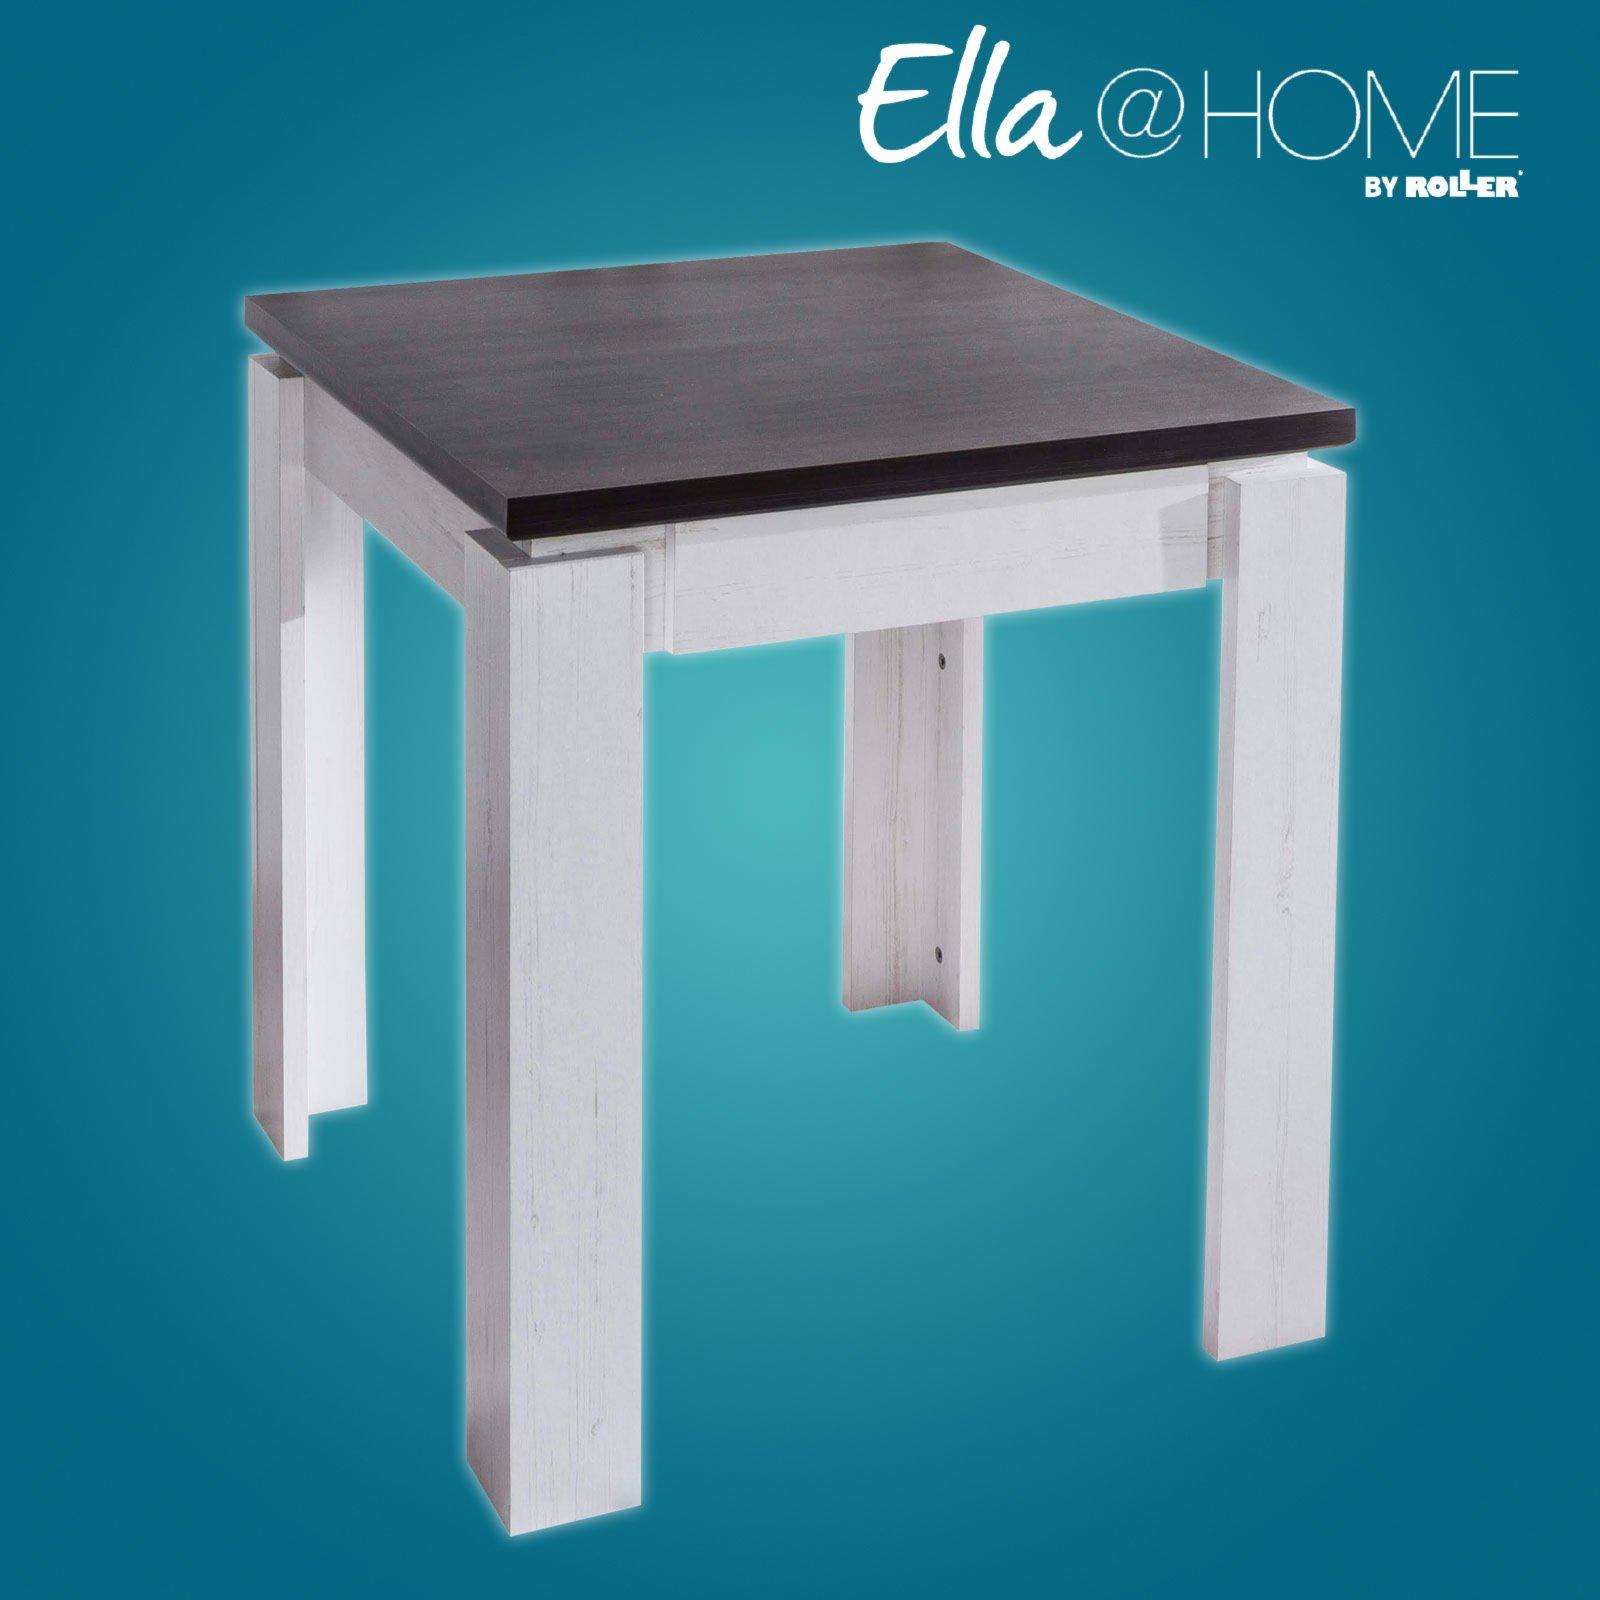 esstisch montreal pinie wei wenge mit schubkasten esstische sitzen essen esszimmer. Black Bedroom Furniture Sets. Home Design Ideas